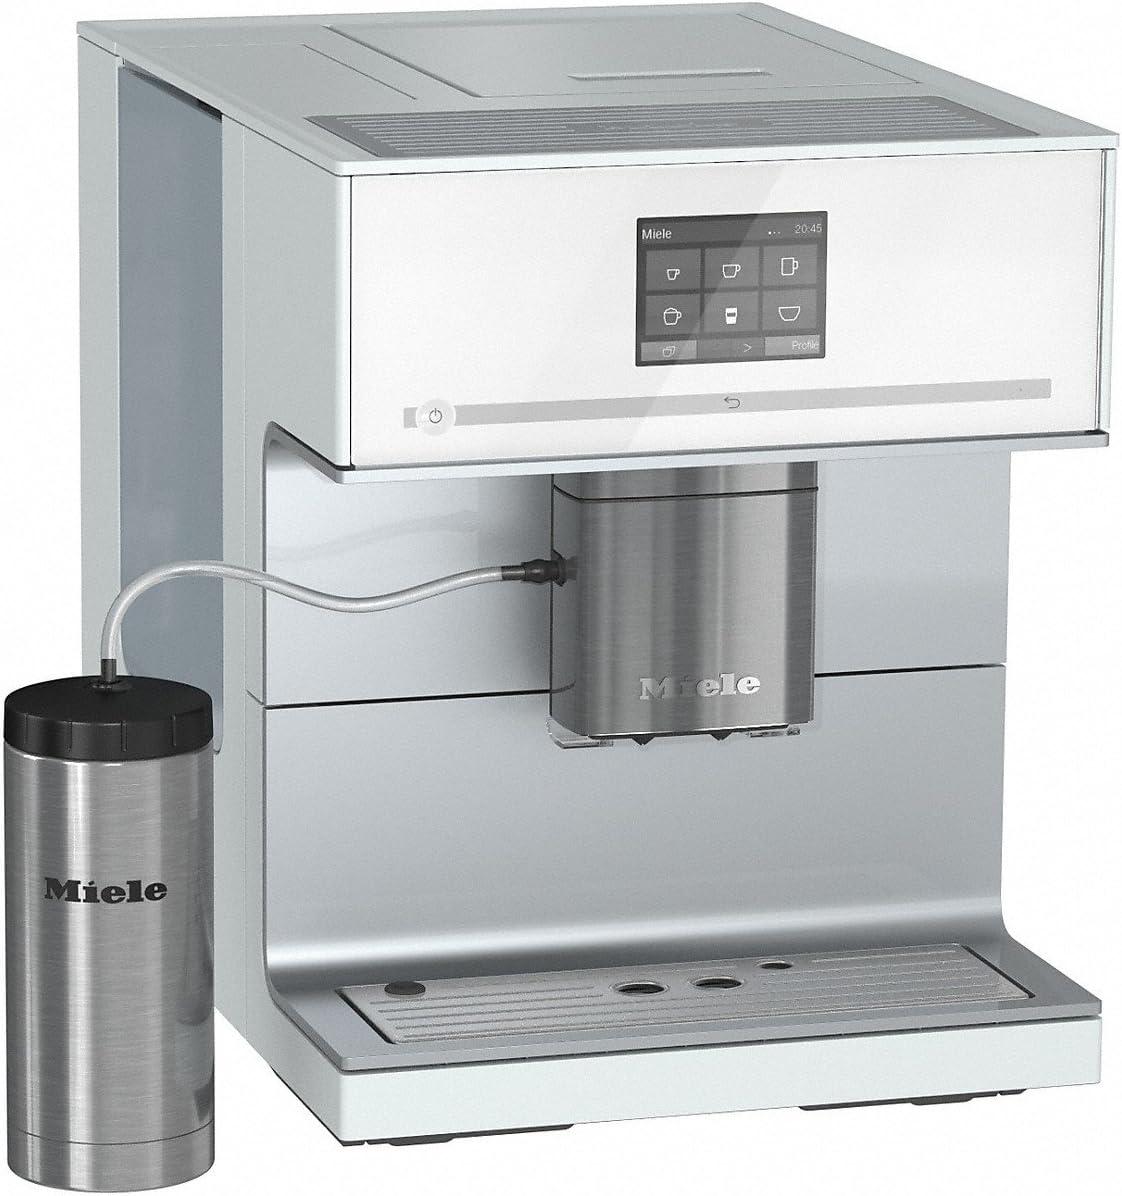 Miele CM 7300 Independiente Totalmente automática Máquina espresso 2.2L Blanco - Cafetera (Independiente, Máquina espresso, 2,2 L, Molinillo integrado, 1500 W, Blanco): Amazon.es: Hogar